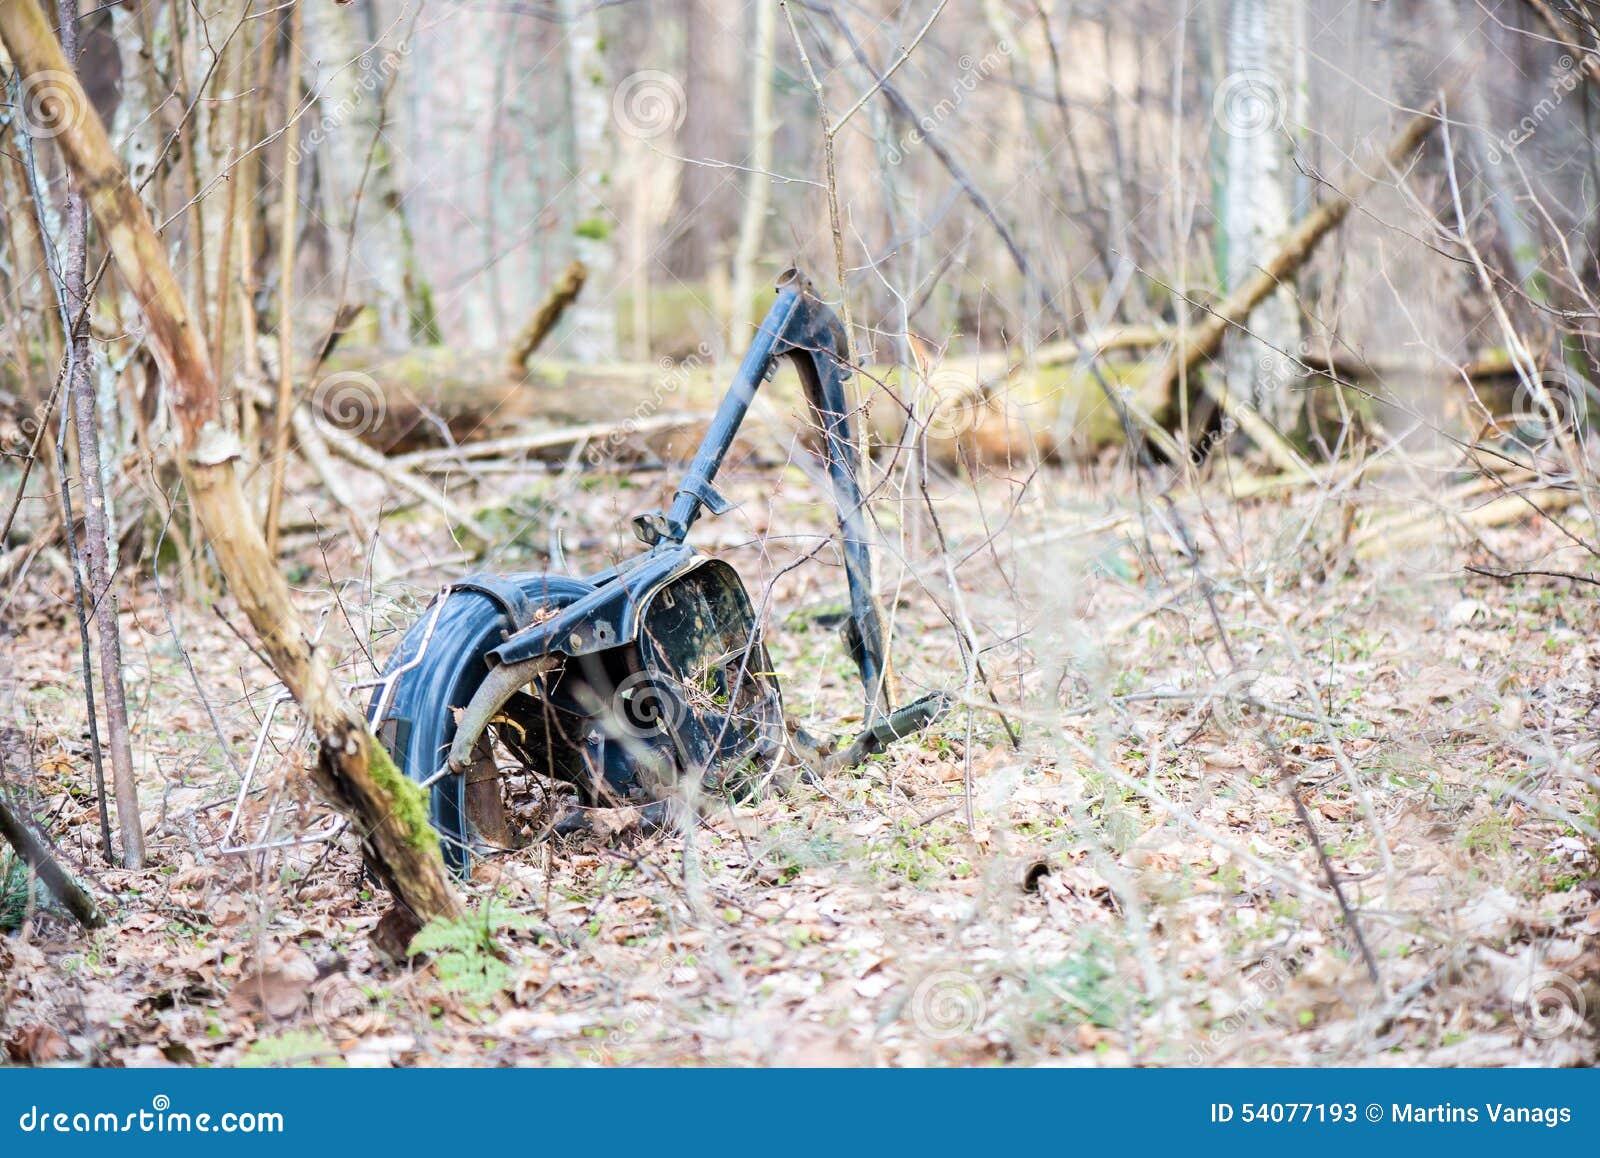 Oude roestige fiets in bos